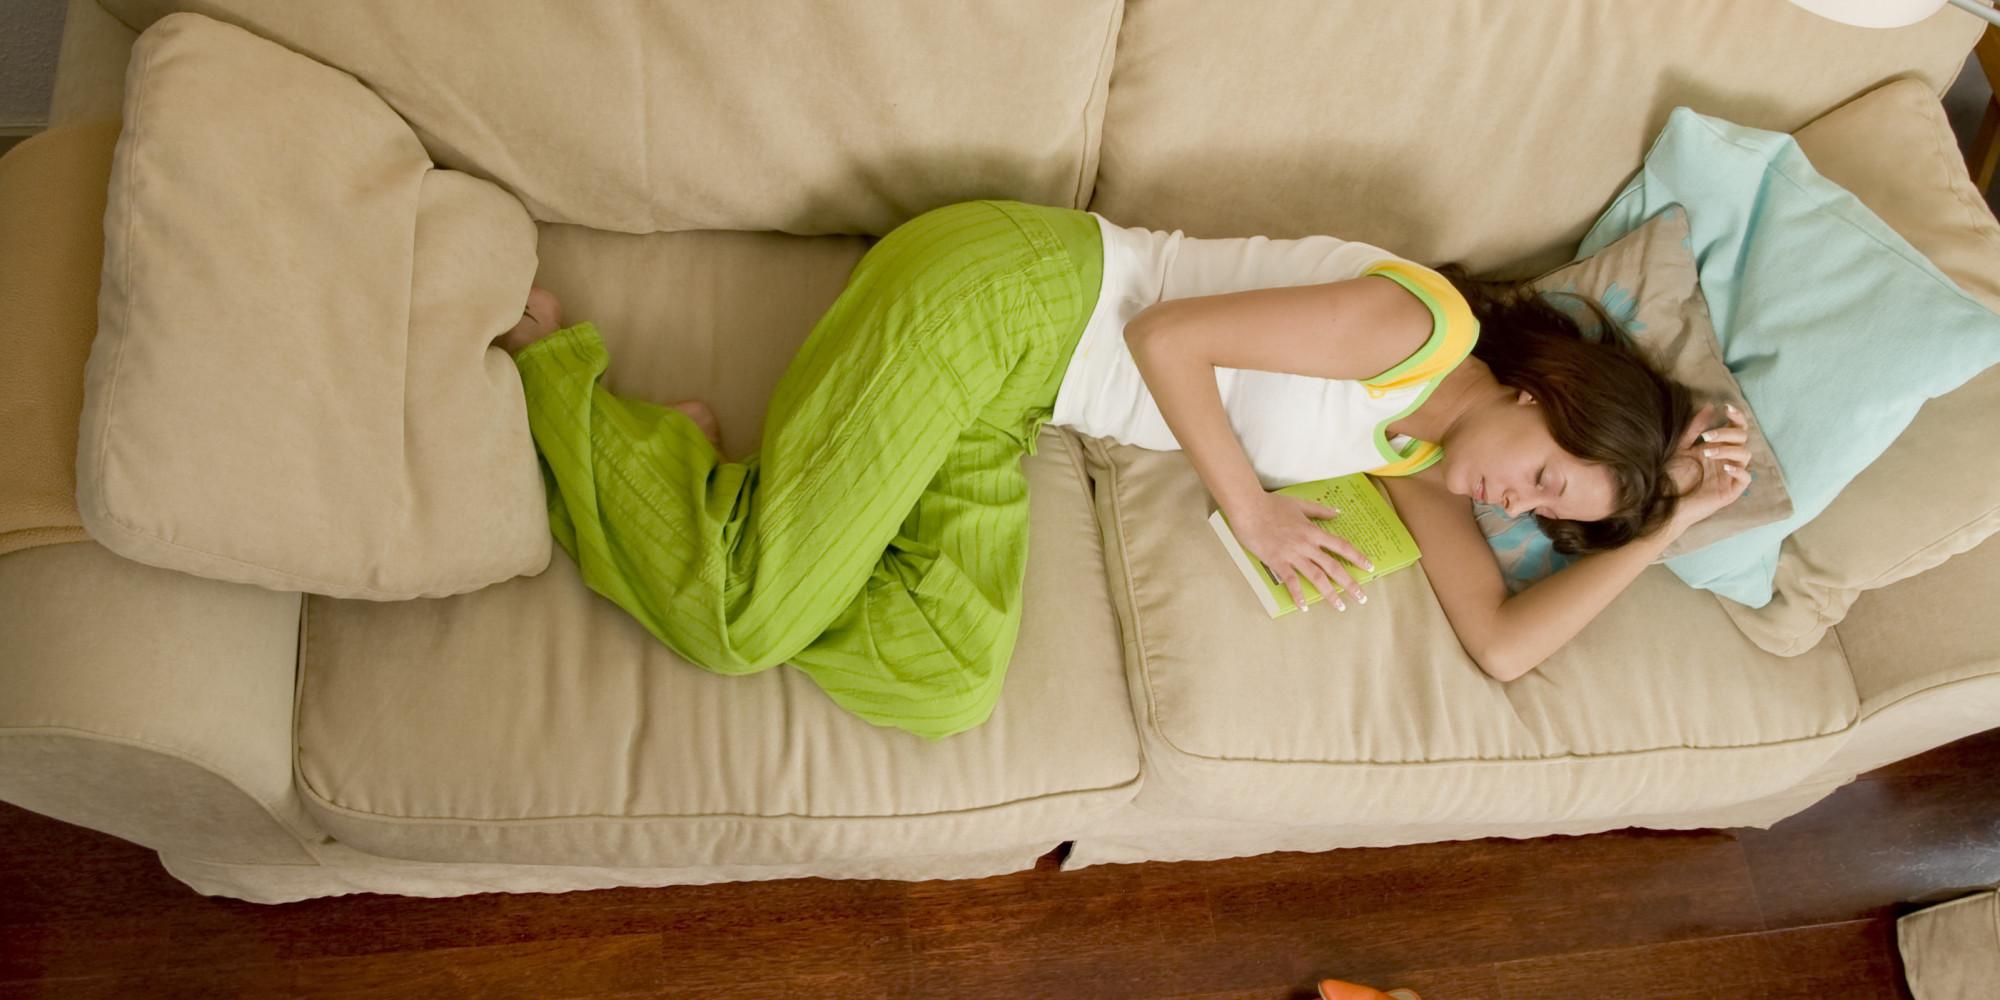 Think, Wife sleeping on sofa